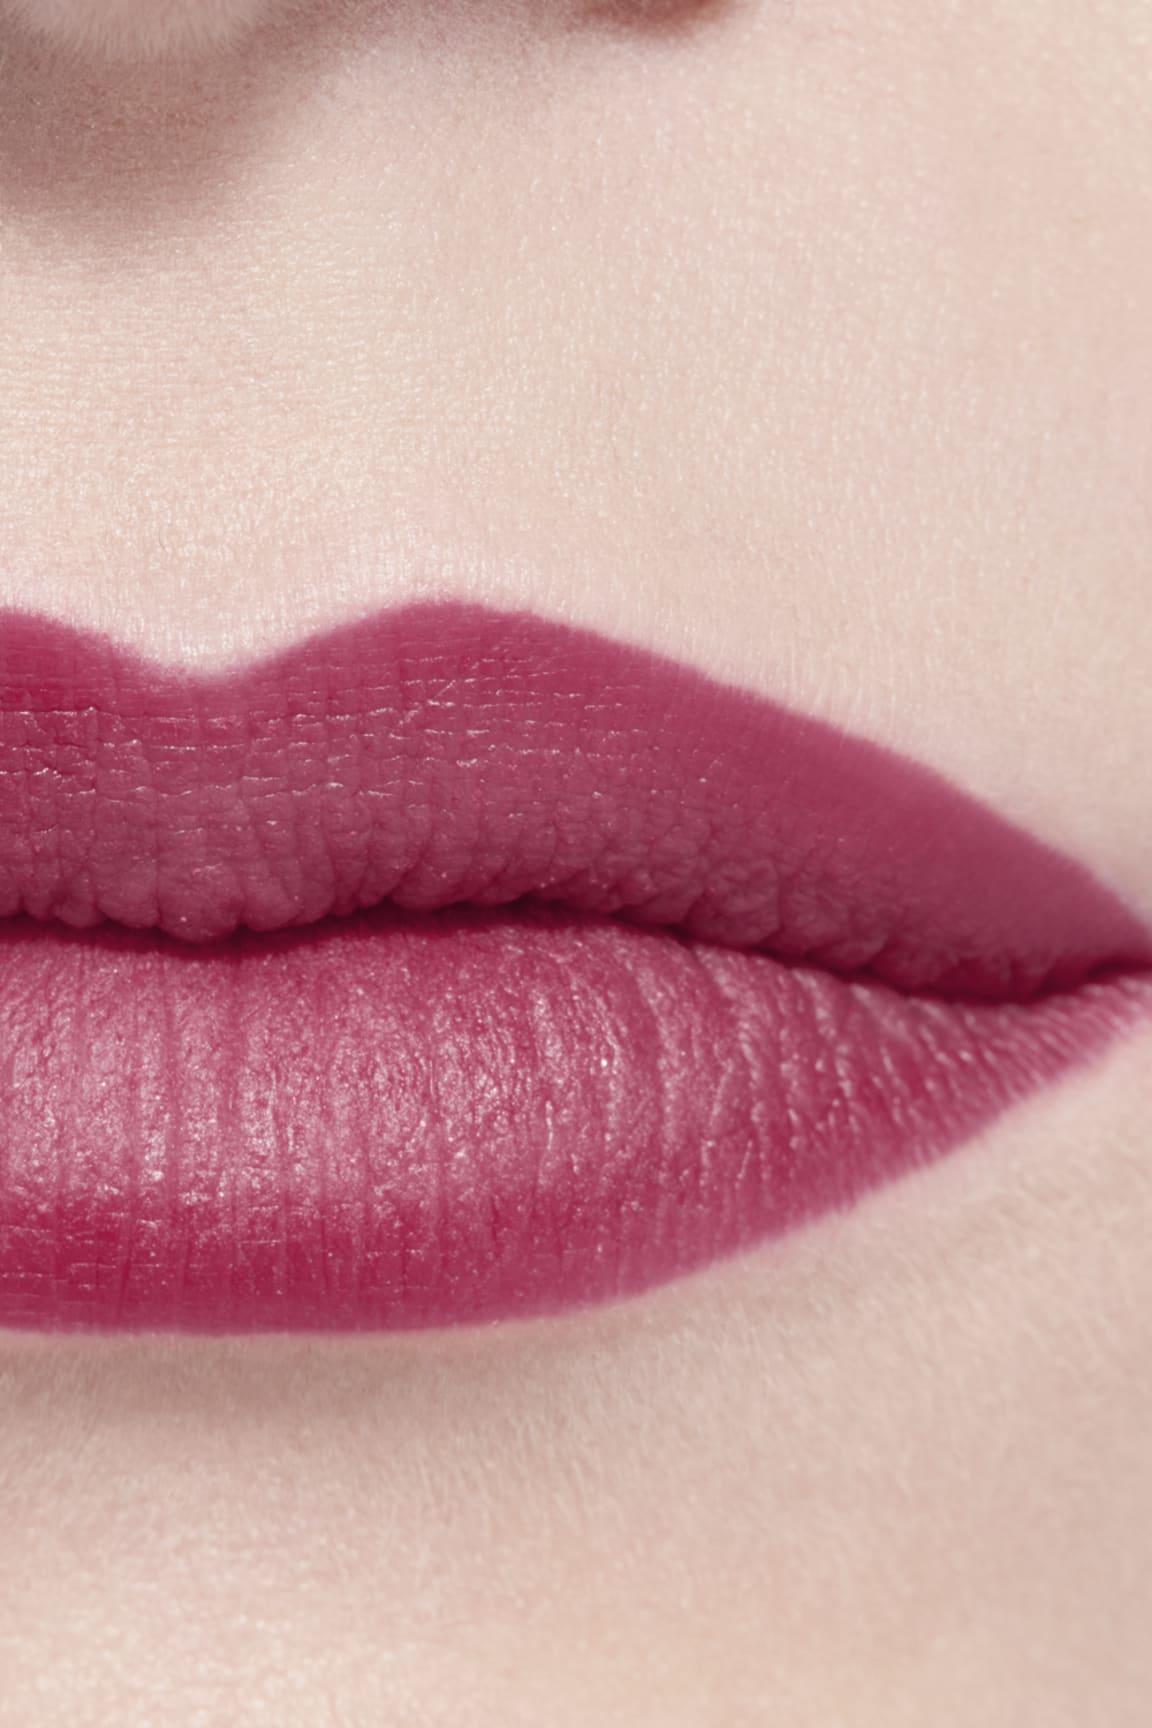 Application makeup visual 3 - ROUGE ALLURE CAMÉLIA 617 - ROUGE ALLURE VELVET CAMÉLIA GRENAT